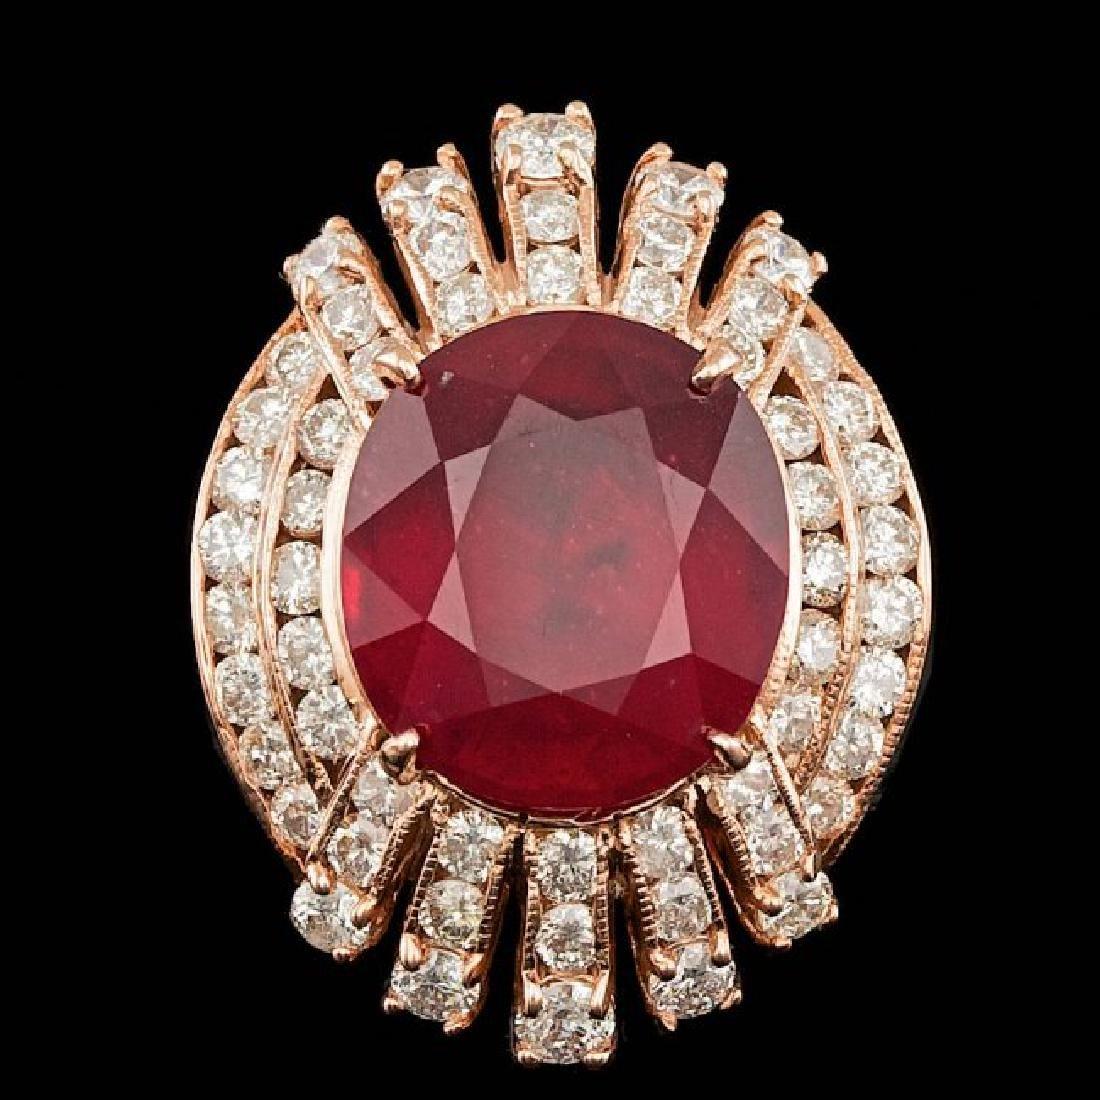 14k Rose Gold 11.00ct Ruby 2.10ct Diamond Ring - 2